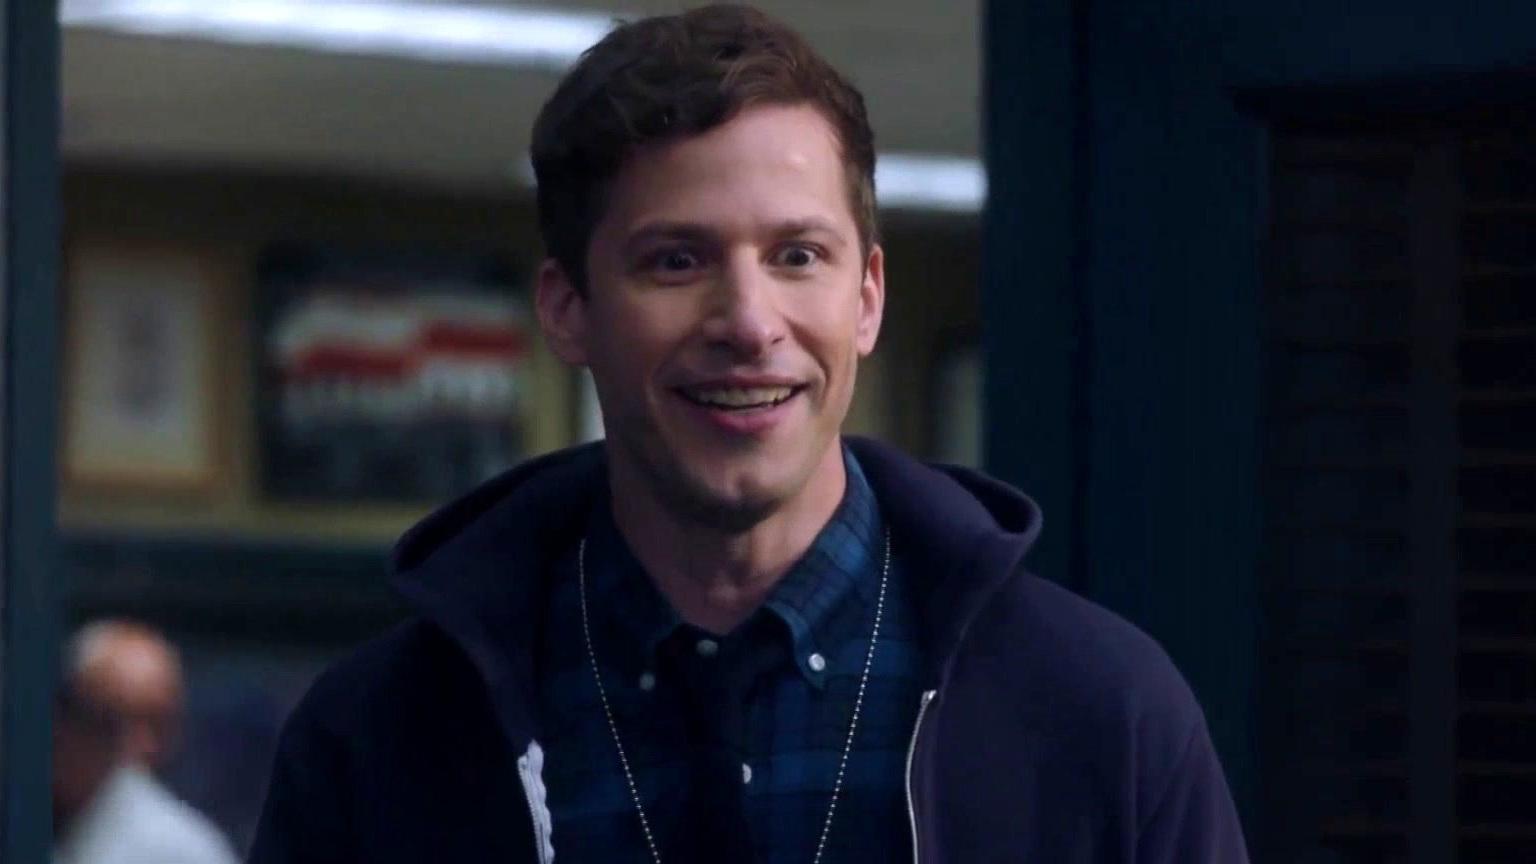 Brooklyn Nine-Nine: Season 7 First Look